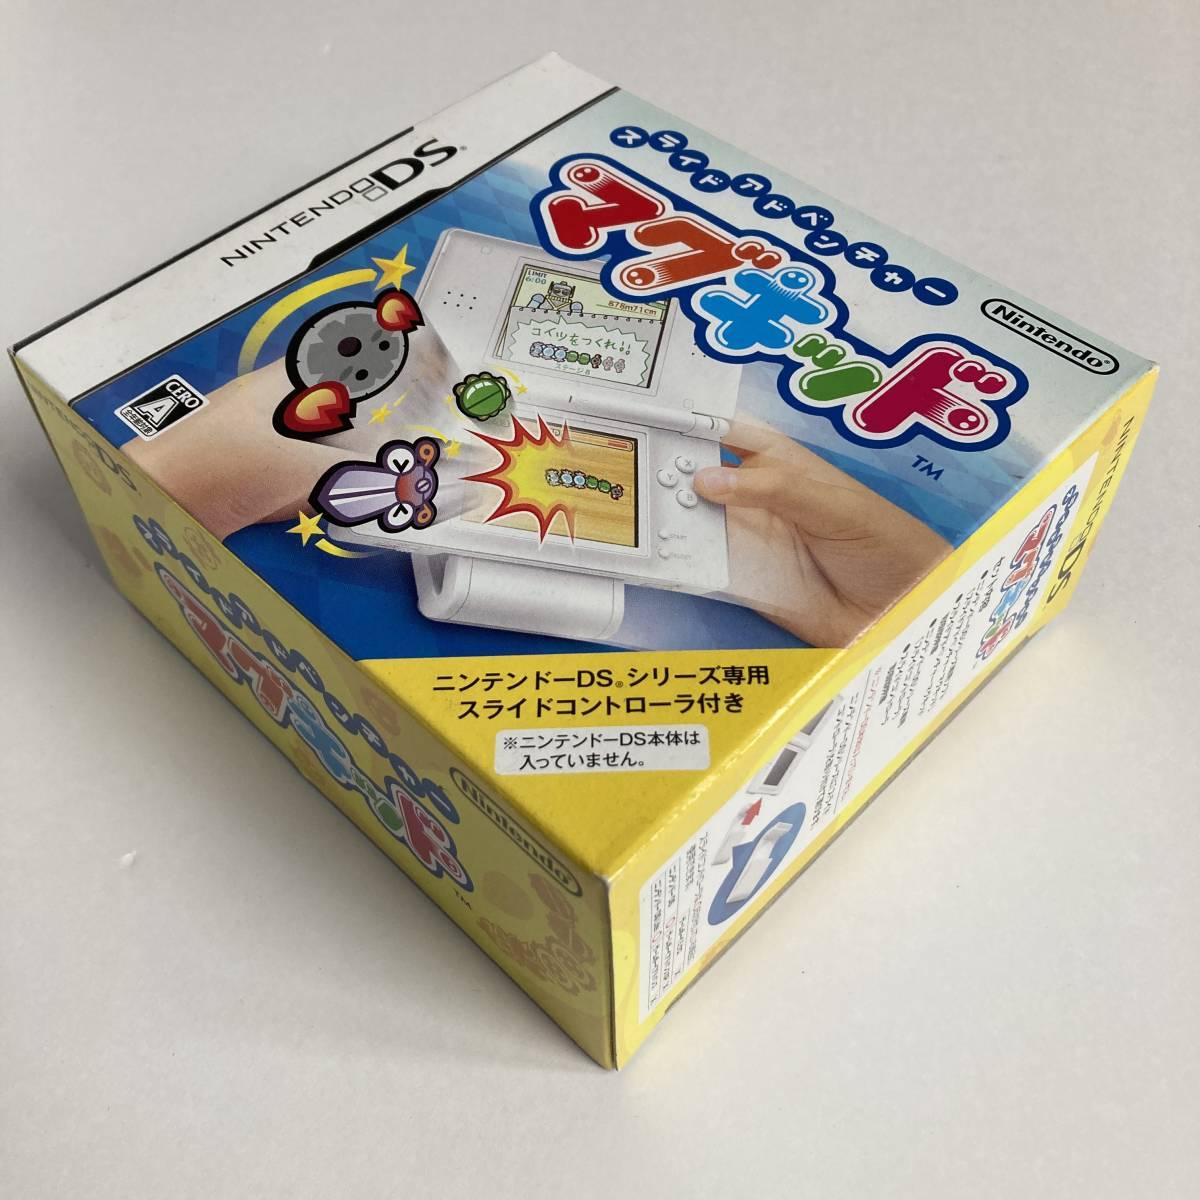 ニンテンドーDS用 マグキッド コントローラ付 / Slide Adventure Mag Kid Magkid Nintendo DS NDS Agenda Game CIB Japan JP 2007